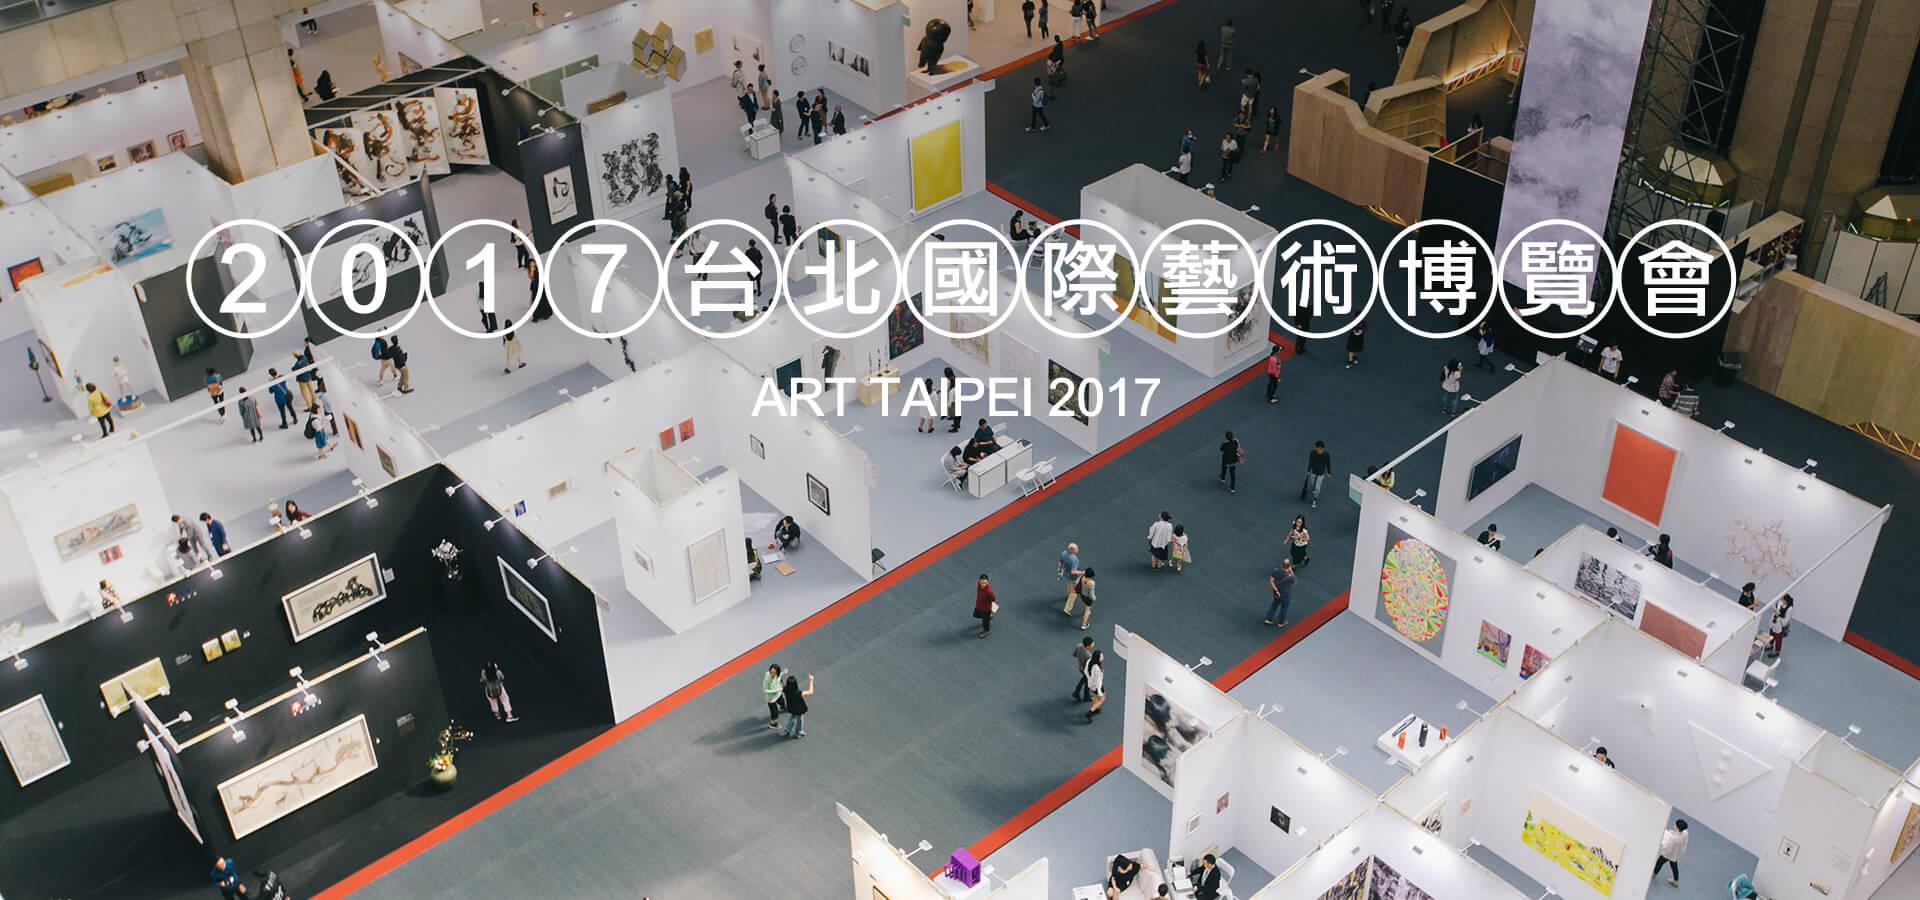 2017台北國際藝術博覽會